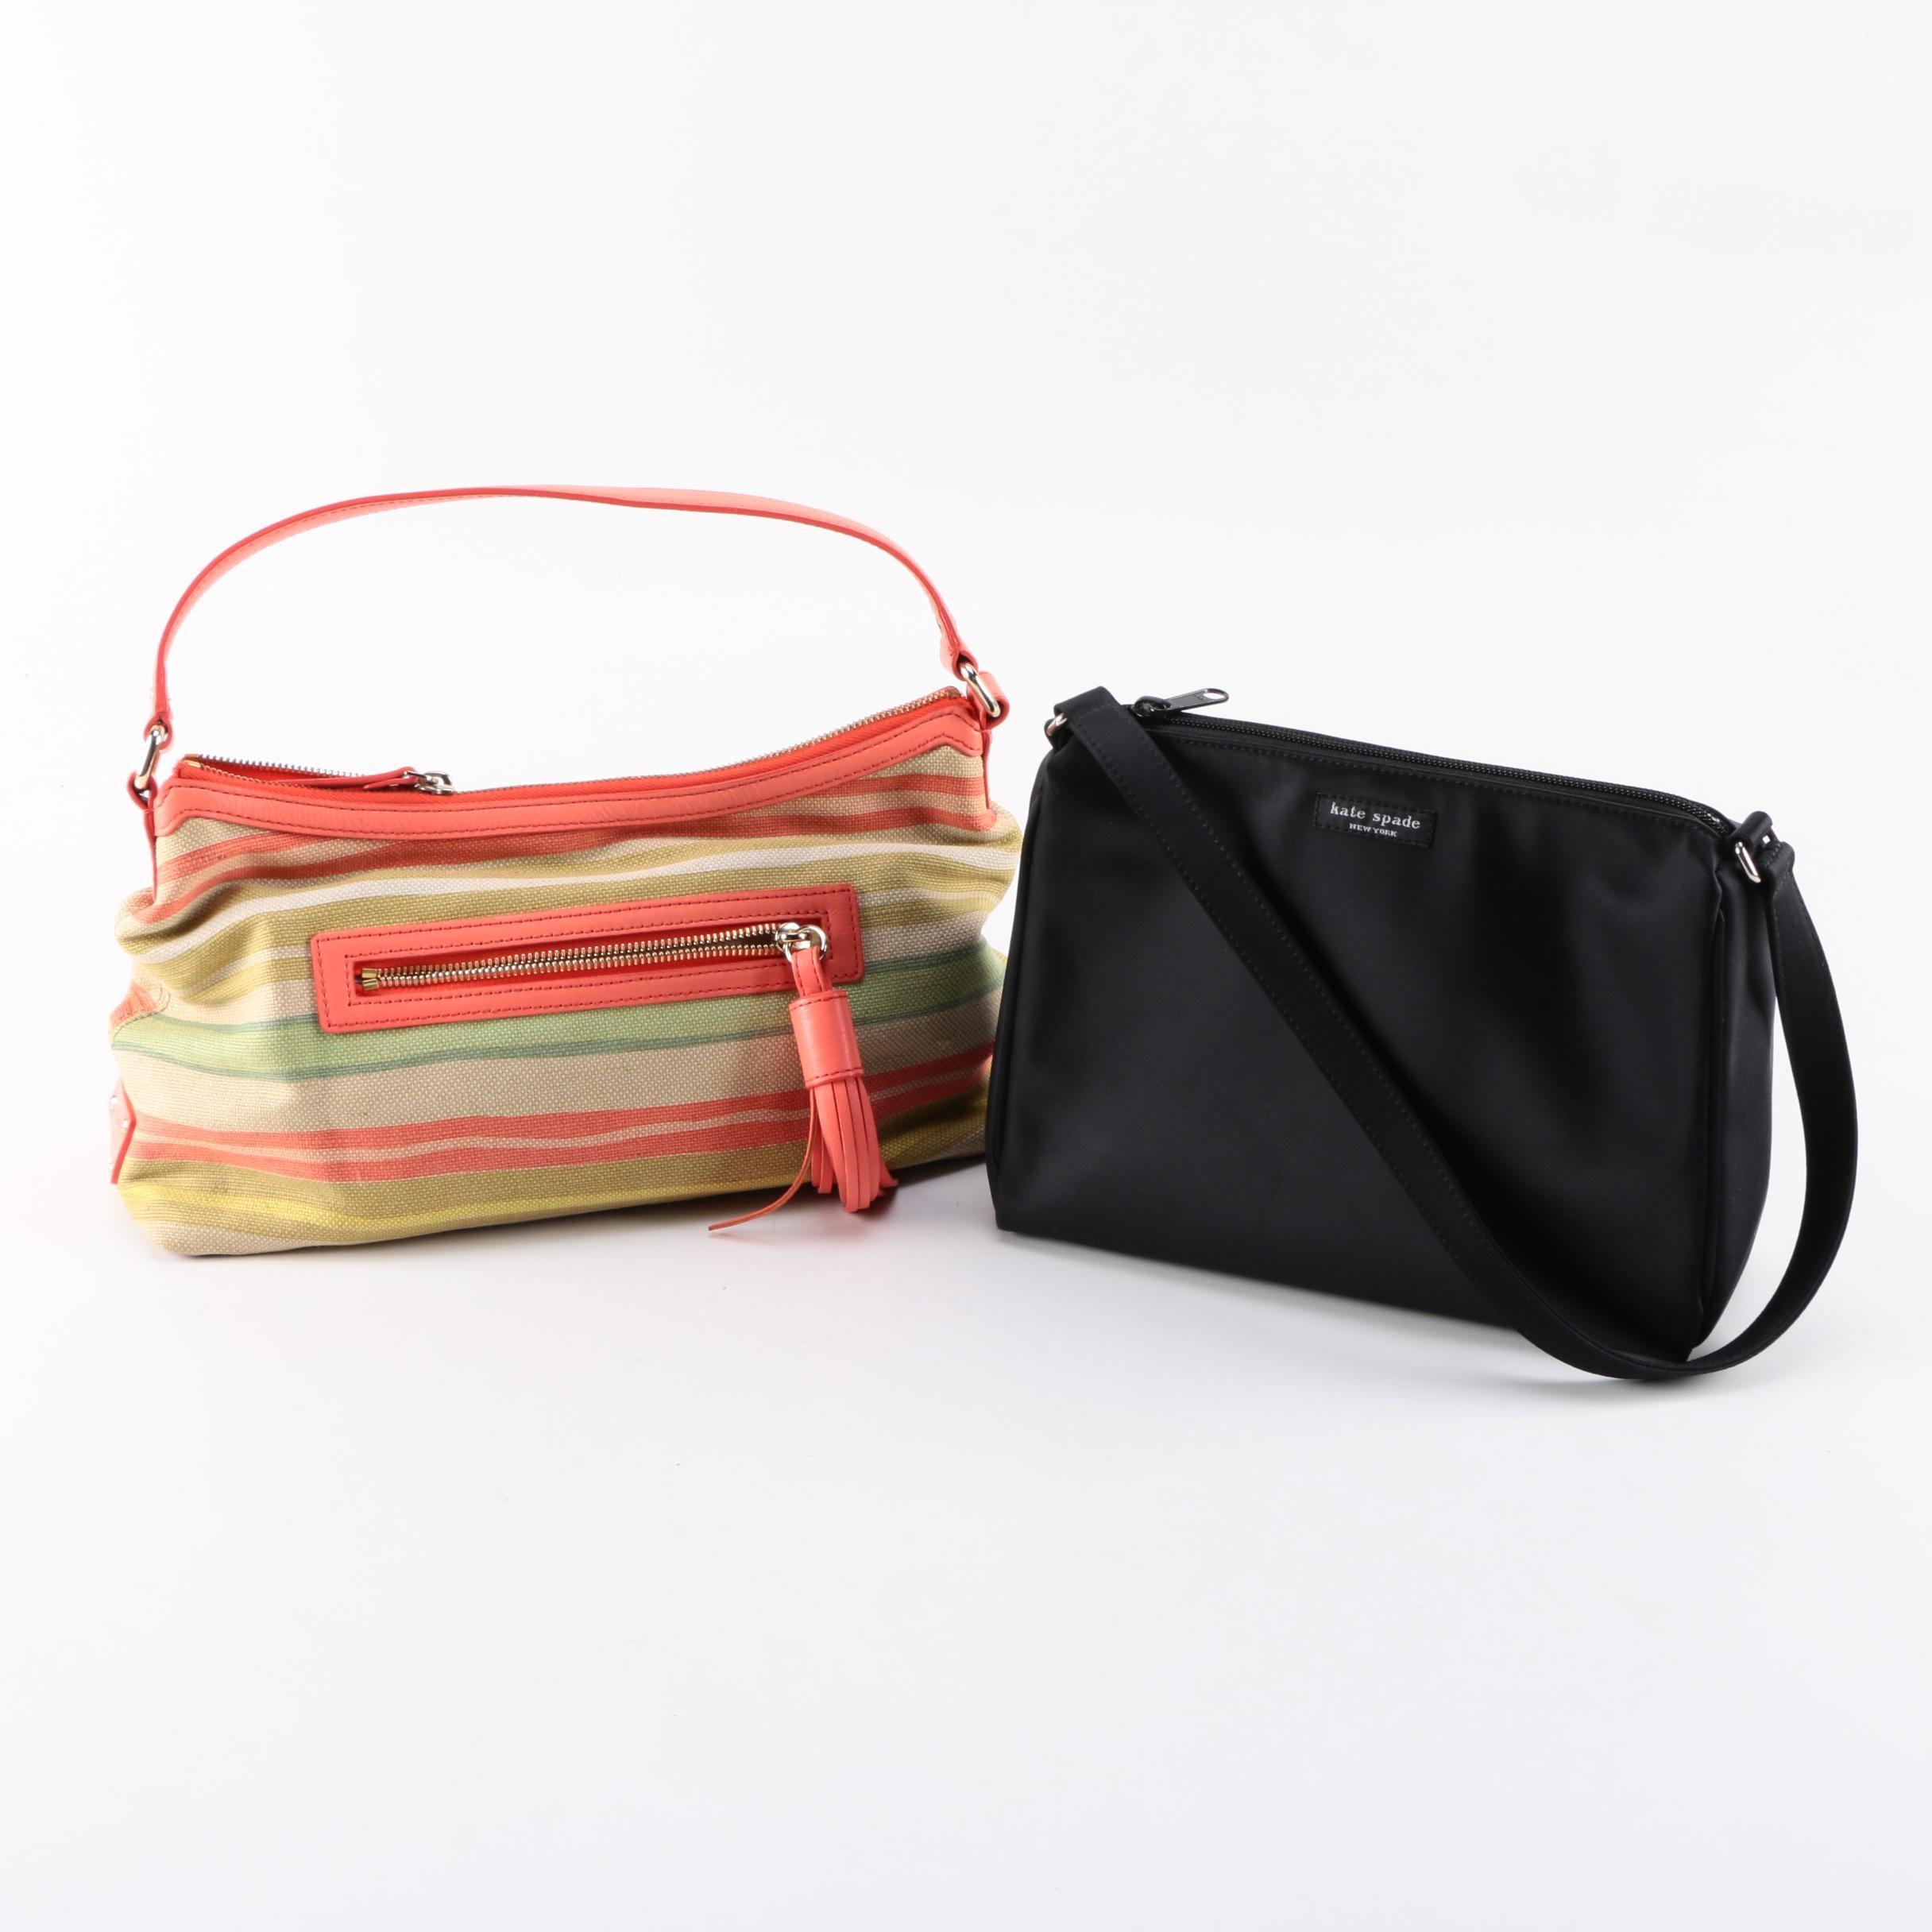 Kate Spade Textile Handbags